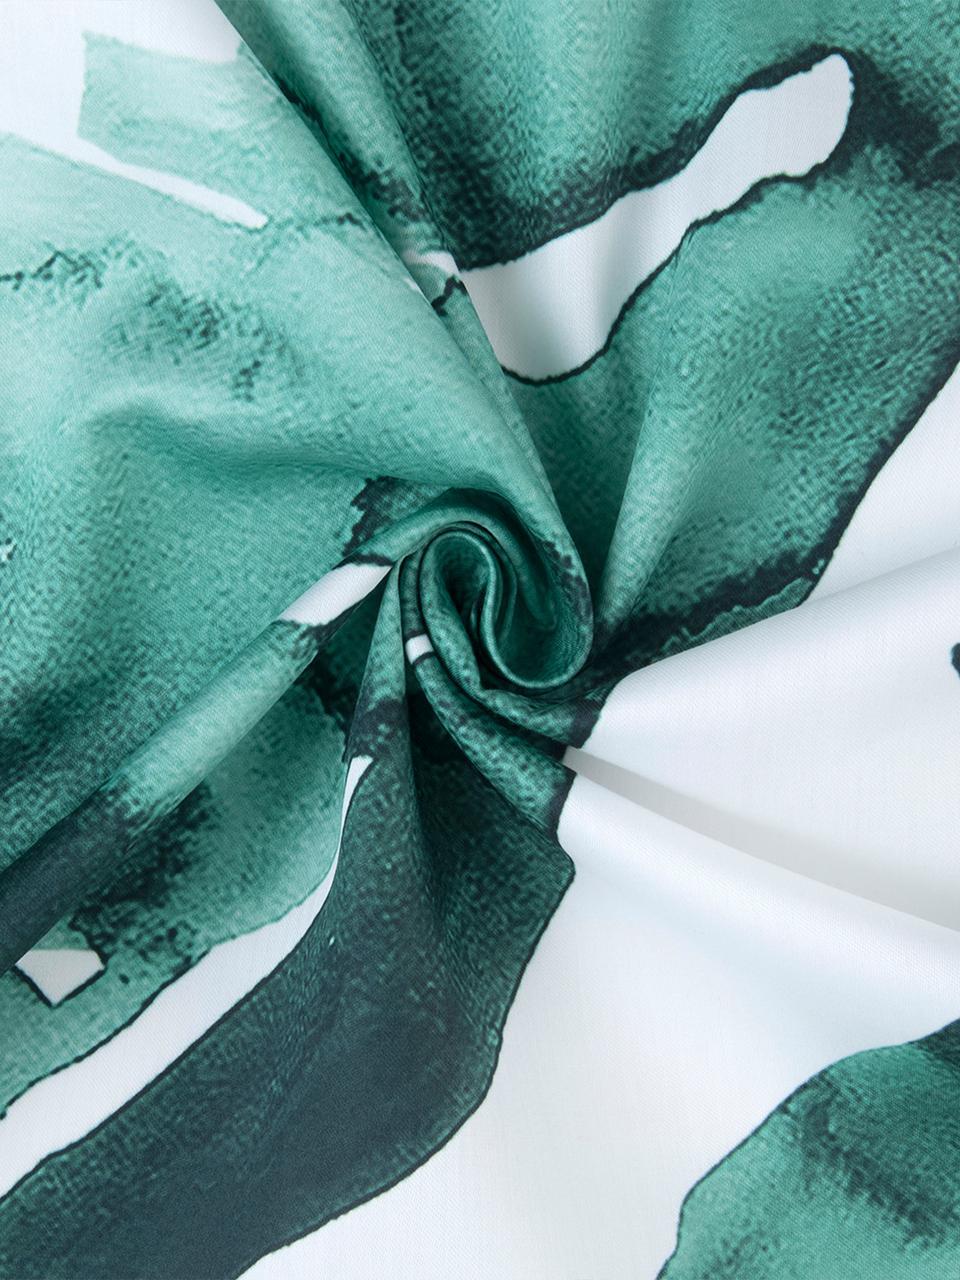 Baumwollsatin-Bettwäsche Lou mit Blattmotiv, Webart: Satin Fadendichte 210 TC,, Weiß,Grün, 135 x 200 cm + 1 Kissen 80 x 80 cm